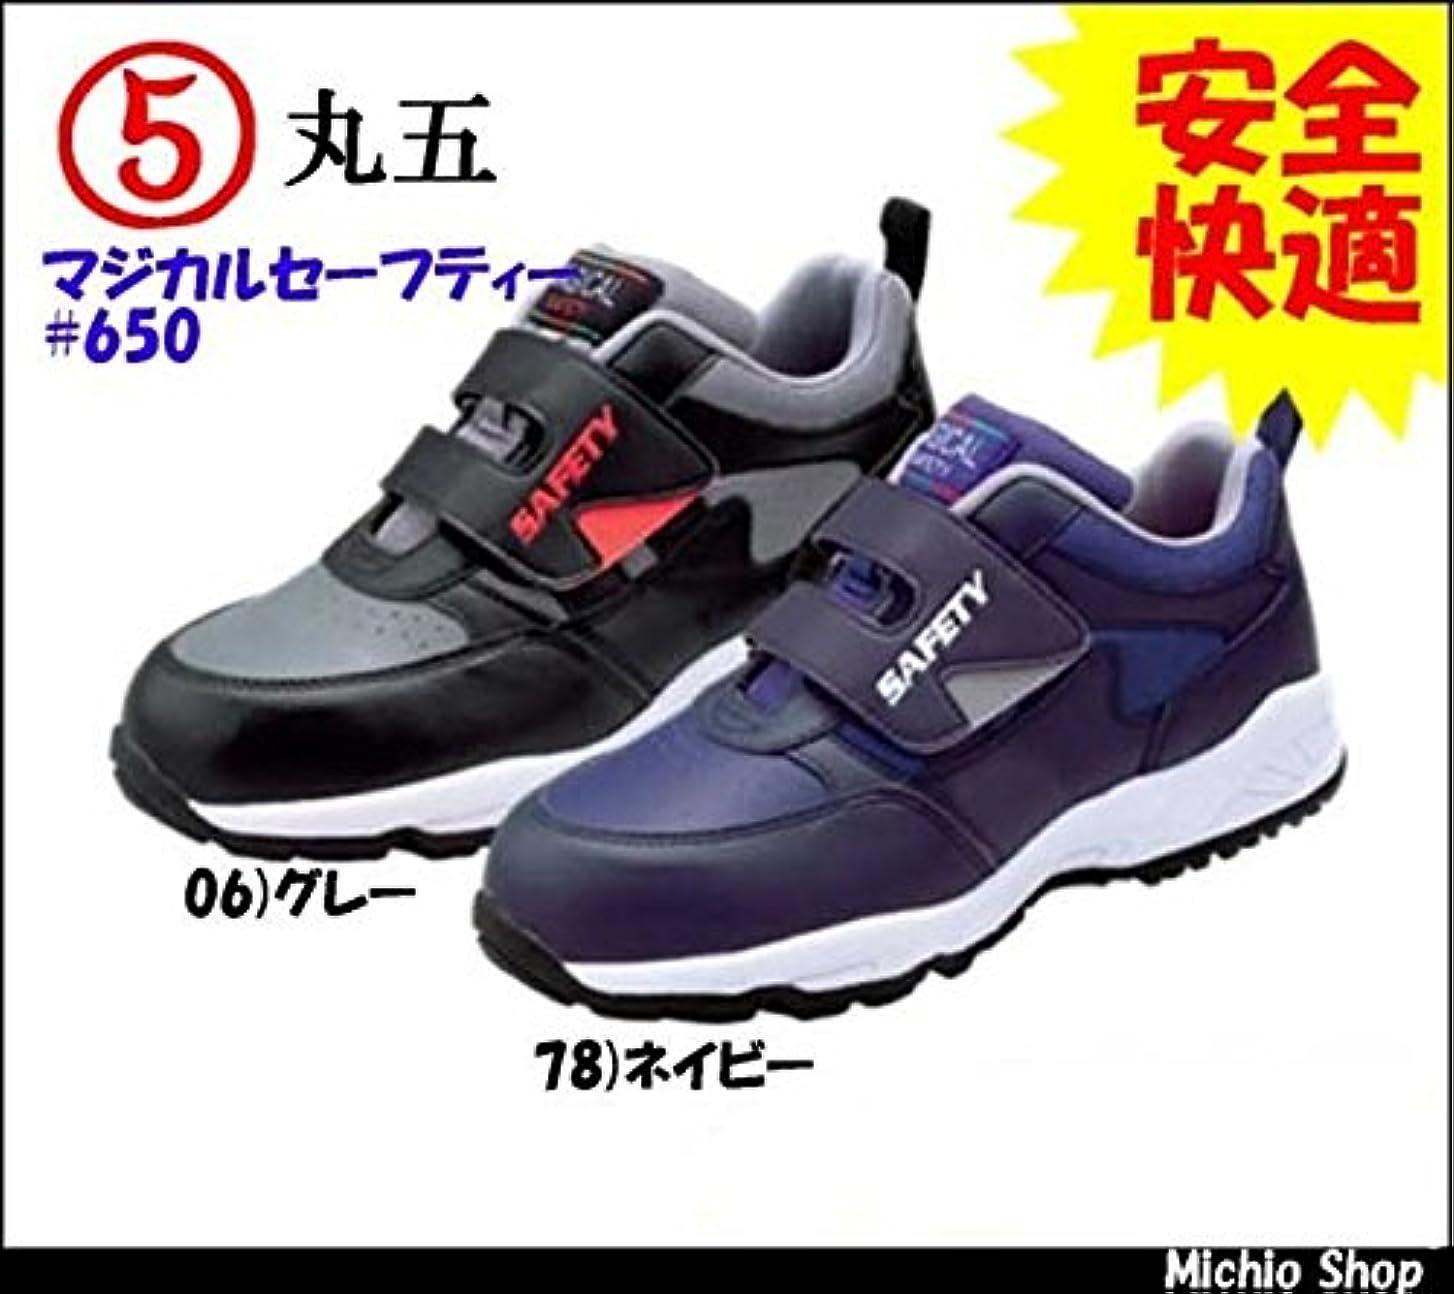 マント挽く見えない丸五 安全靴 マジカルセーフティー#650 Color:6グレー 28.0